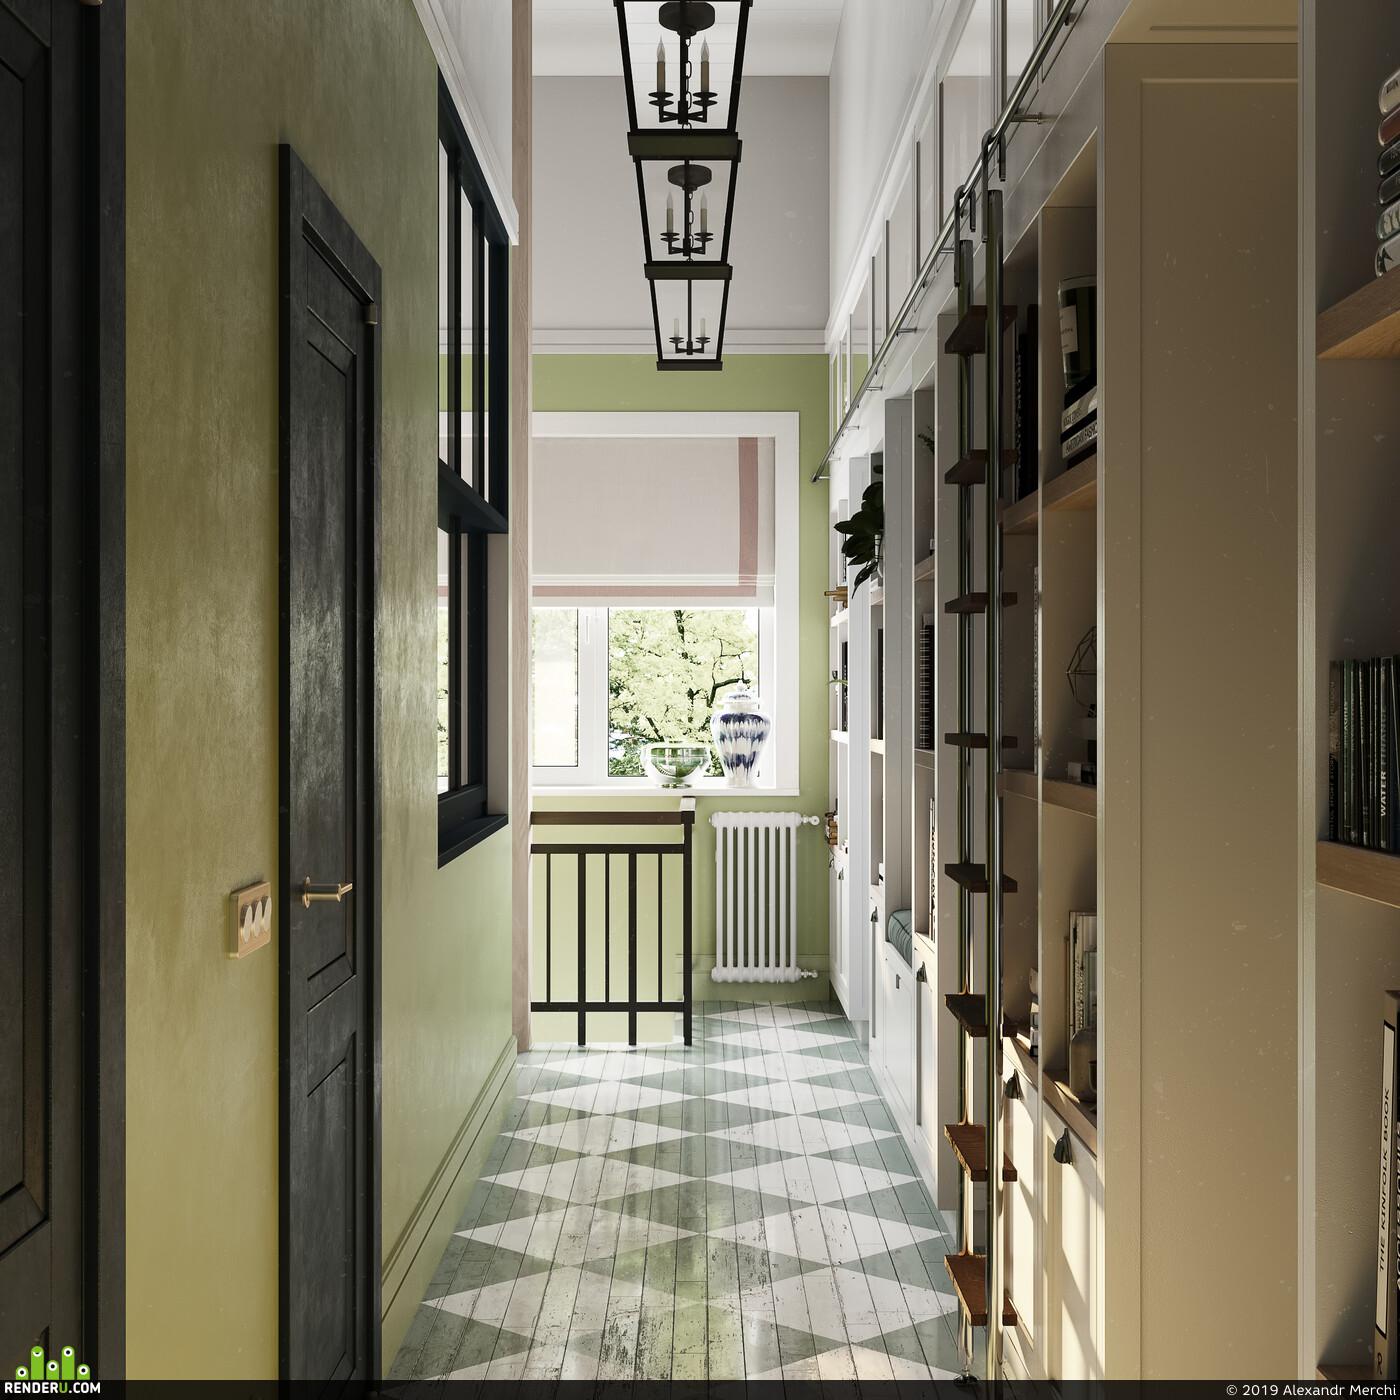 дизайн интерьера, кухня-гостиная, Спальня, Интерьер Детская, дом, частный дом